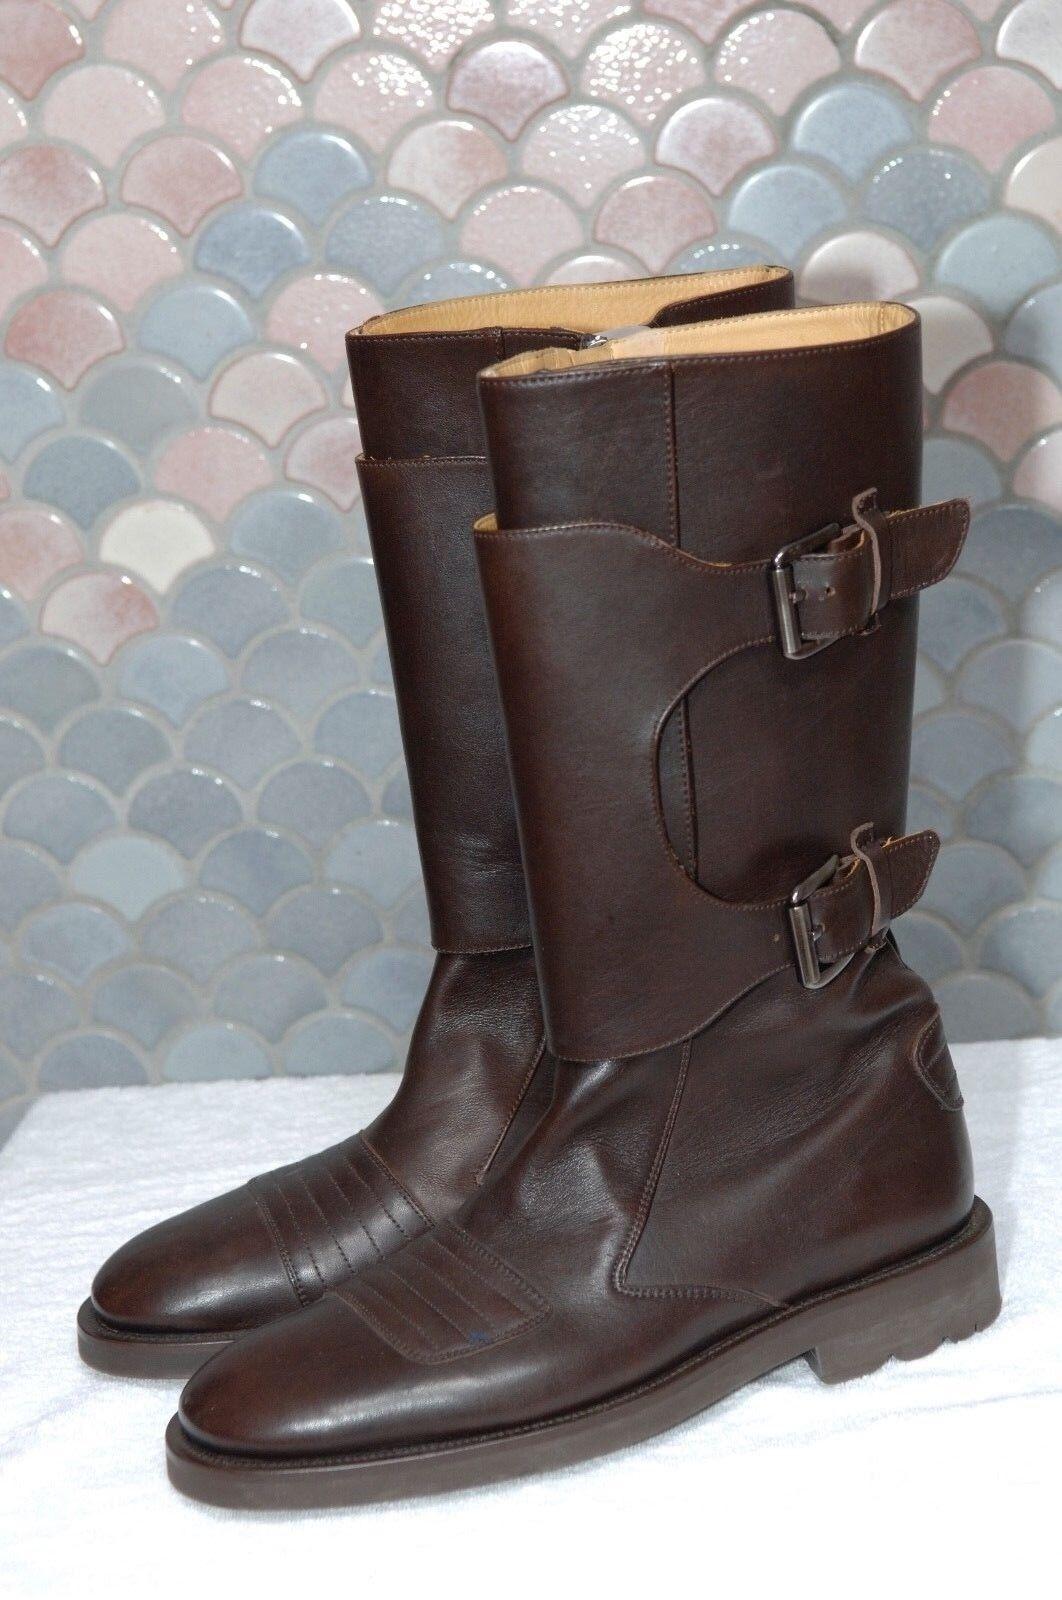 Stephane Kelian Dark Brown Boots, Rubber Sole, New, /2, US 9 1/2, Splendid Scarpe classiche da uomo